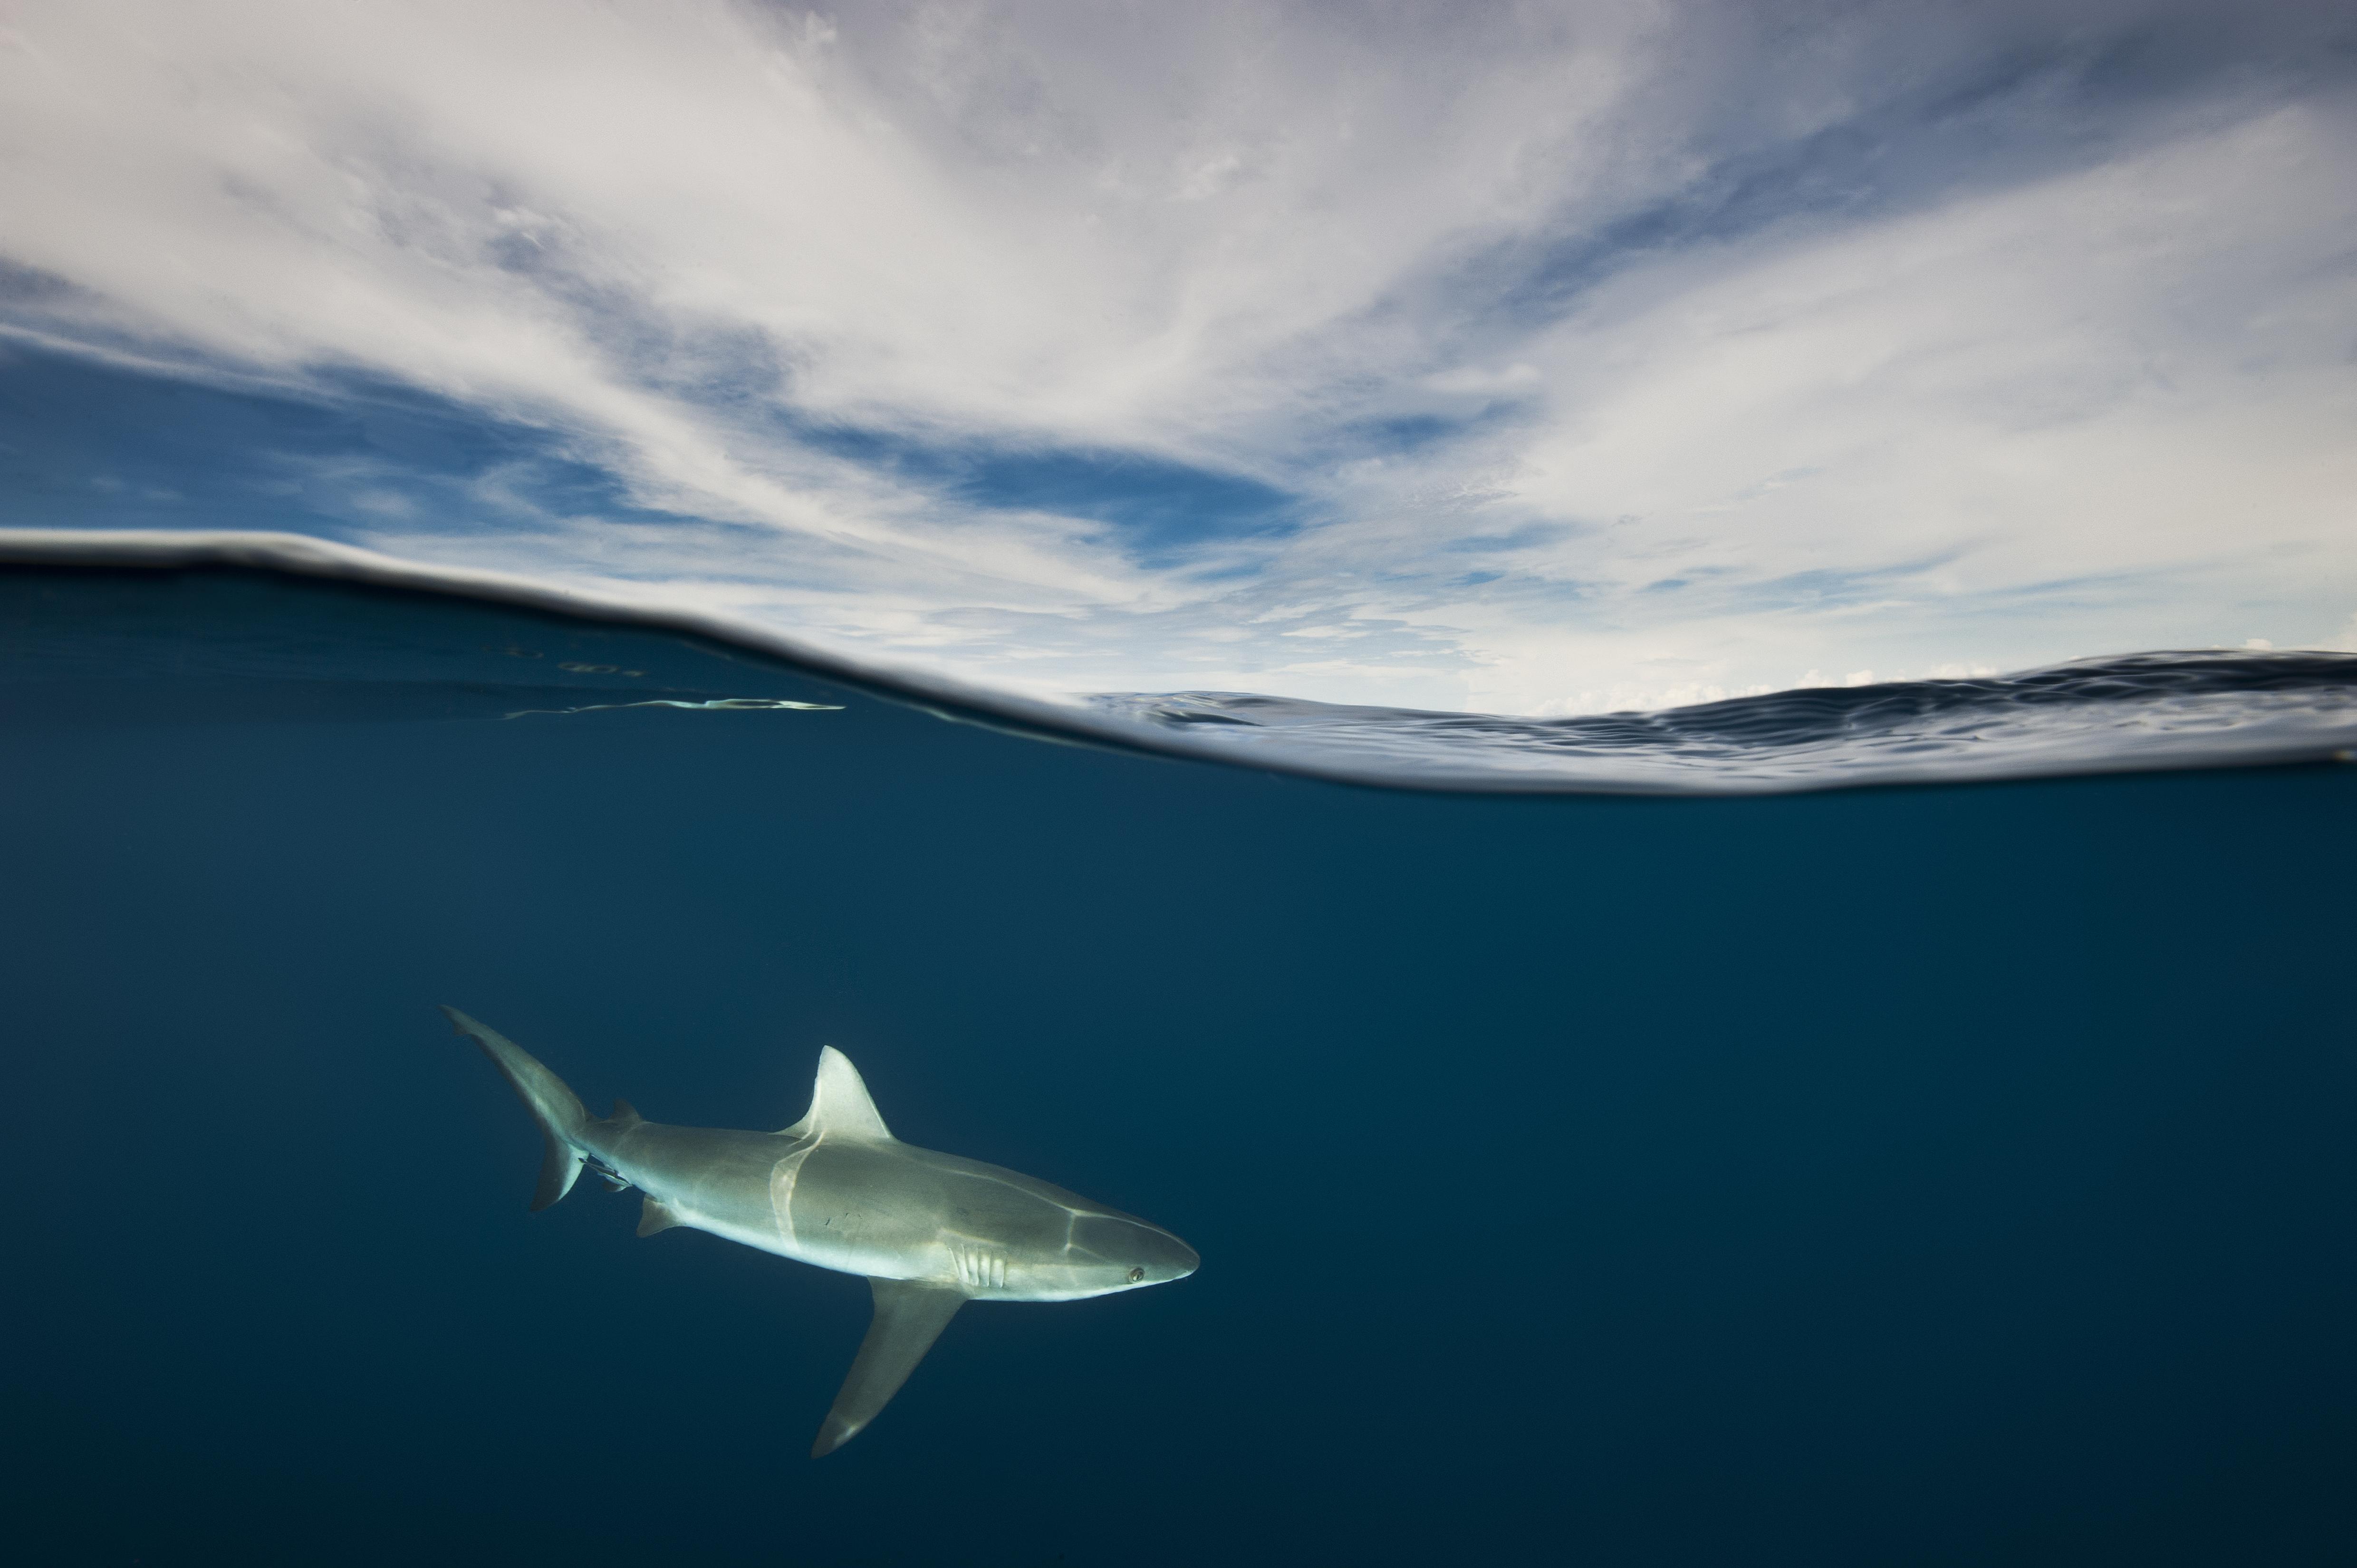 Requin et ciel. Les lumières de la mi-journée dansent sur un requin gris de récifs qui passait lentement pendant que nous remontions à la surface lors de notre plongée dans la baie de Kimbe, en Papouasie-Nouvelle-Guinée. Chassés pour la soupe d'ailerons, ils sont devenus extrêmement rares, le croiser était un signe encourageant. Jusqu'à 90 % des espèces ont disparu de nos océans. Les requins sont essentiels aux écosystèmes marins et un indicateur de la santé globale des récifs.